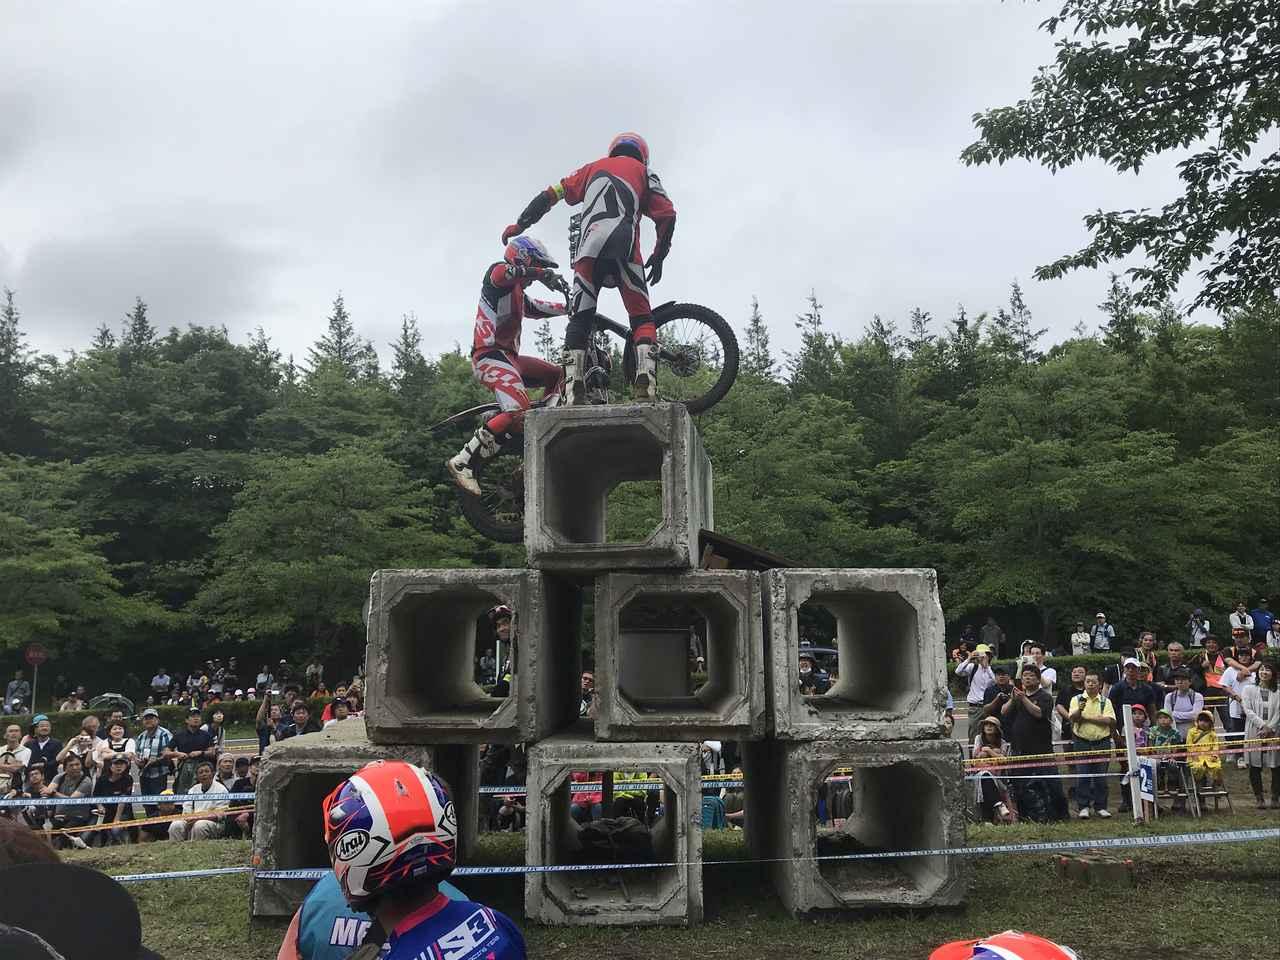 画像3: 6月22日の全日本ロードレースに引き続き、翌23日はツインリンクもてぎの全日本トライアルへ!